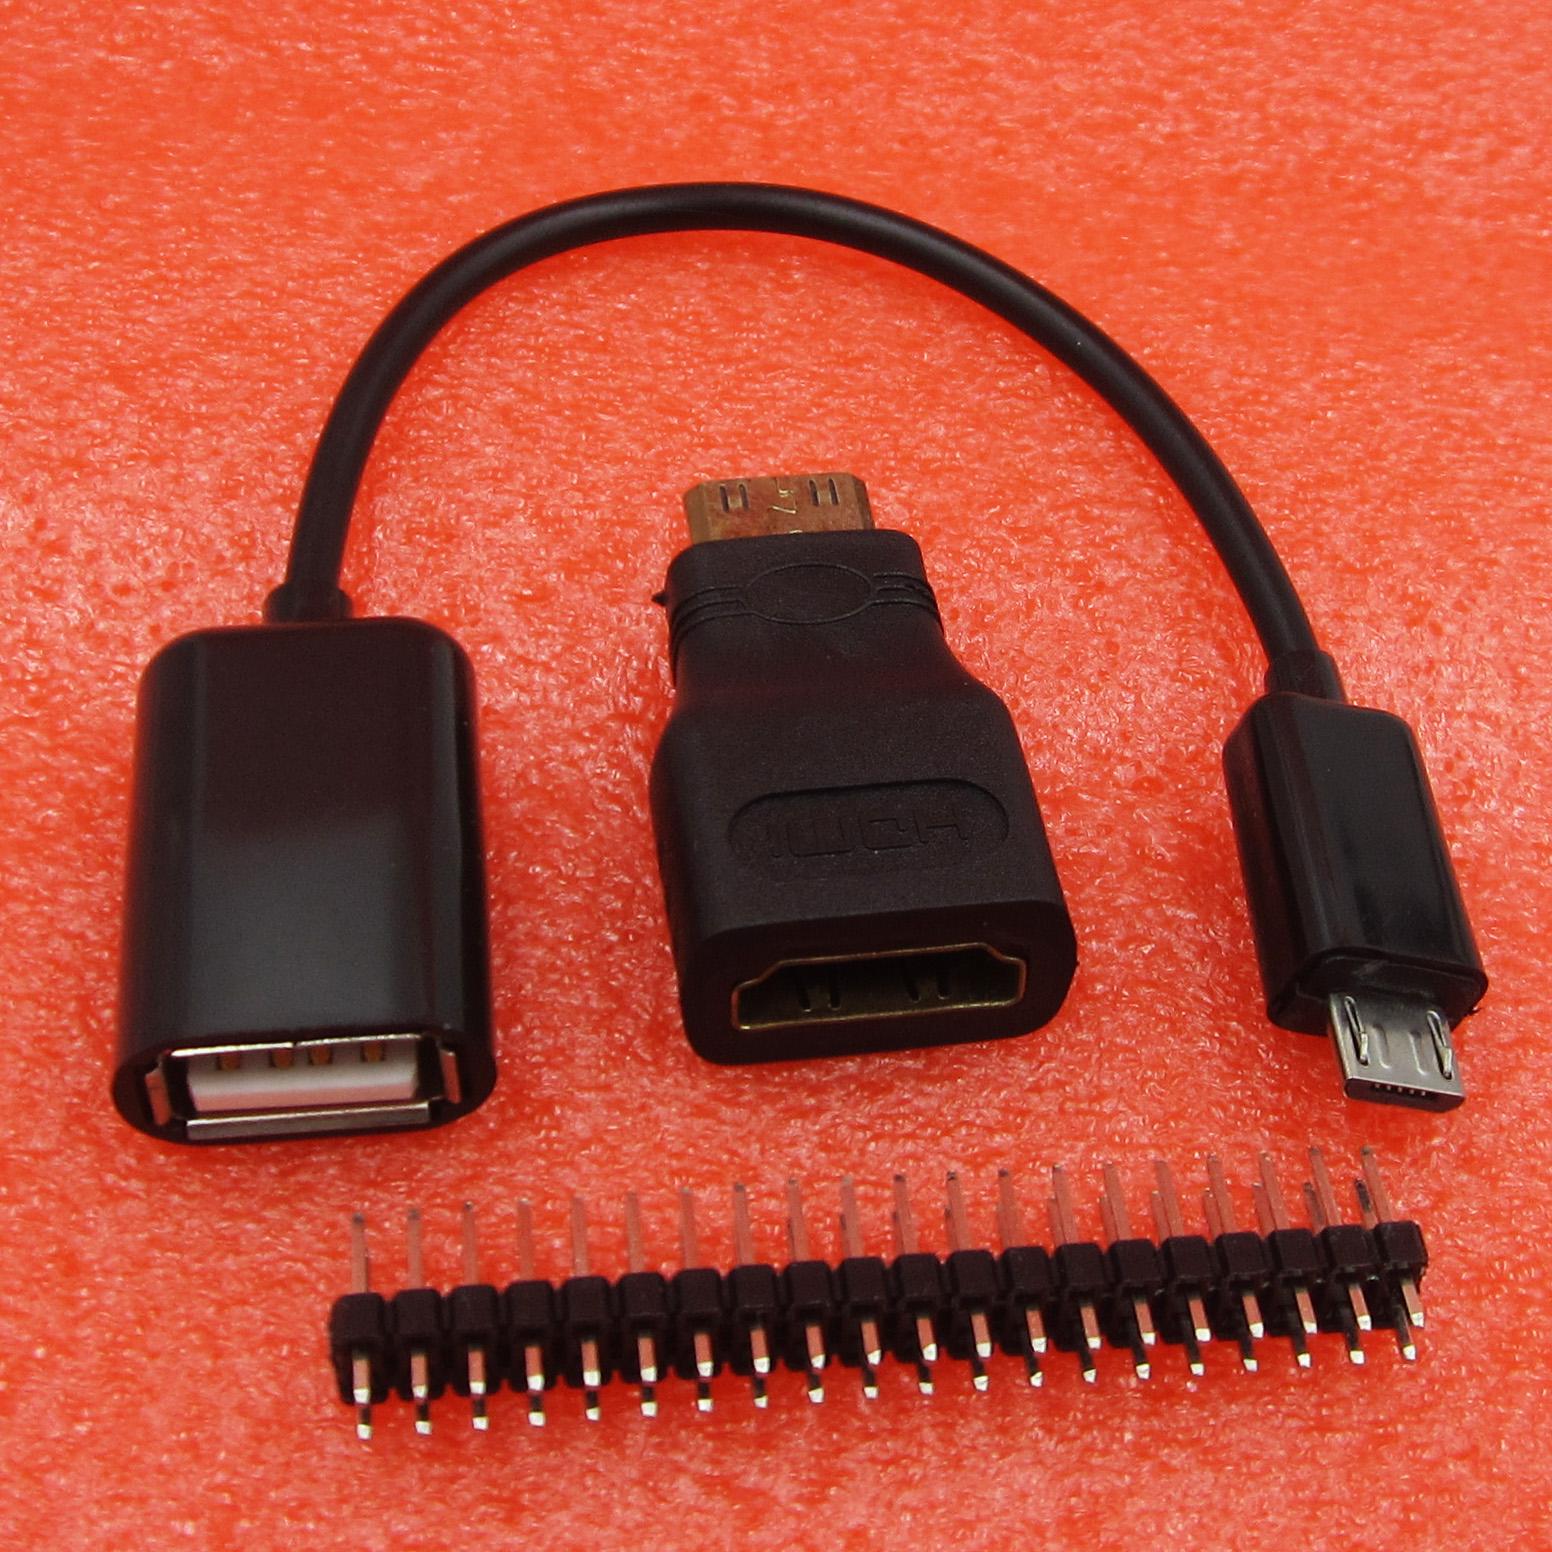 3 in 1 Raspberry PI Zero Kit Mini HDMI To HDMI Adapter+GPIO Header+Micro USB